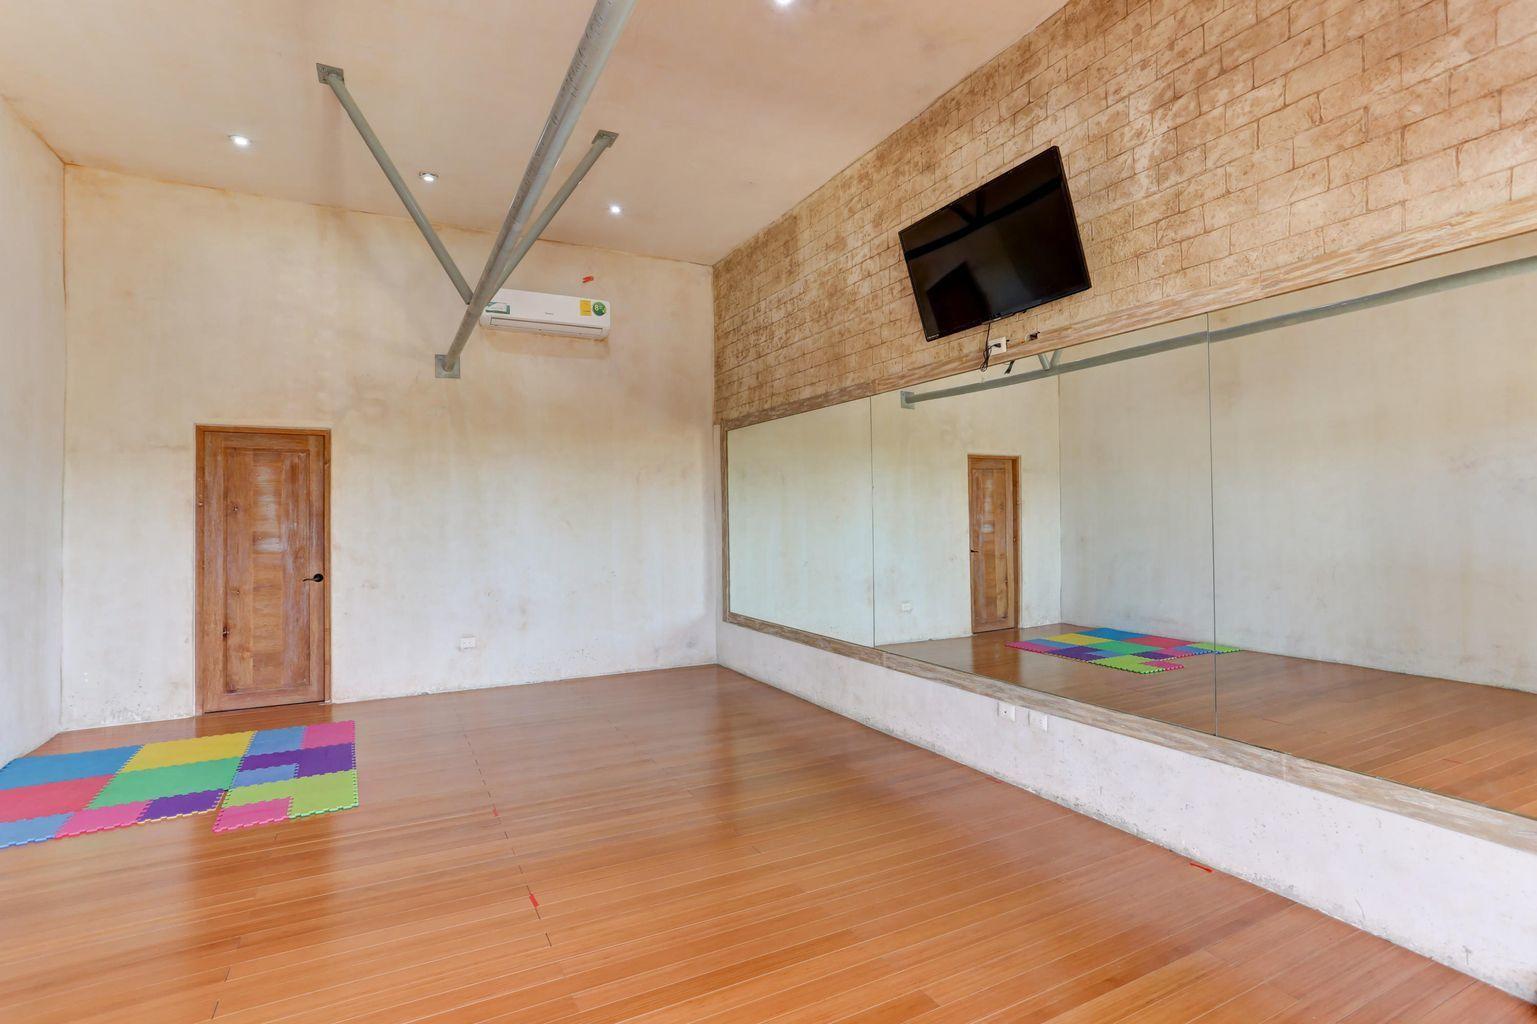 Ventanas 3-Gym area